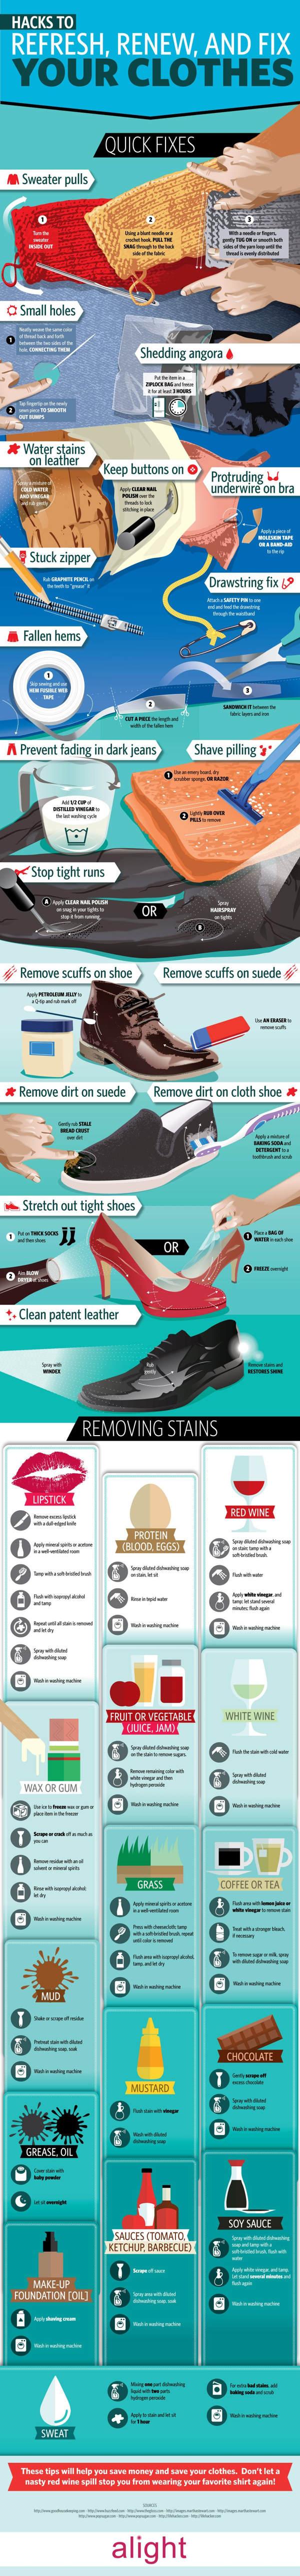 Consejos para actualizar, renovar y arreglar la ropa infografia